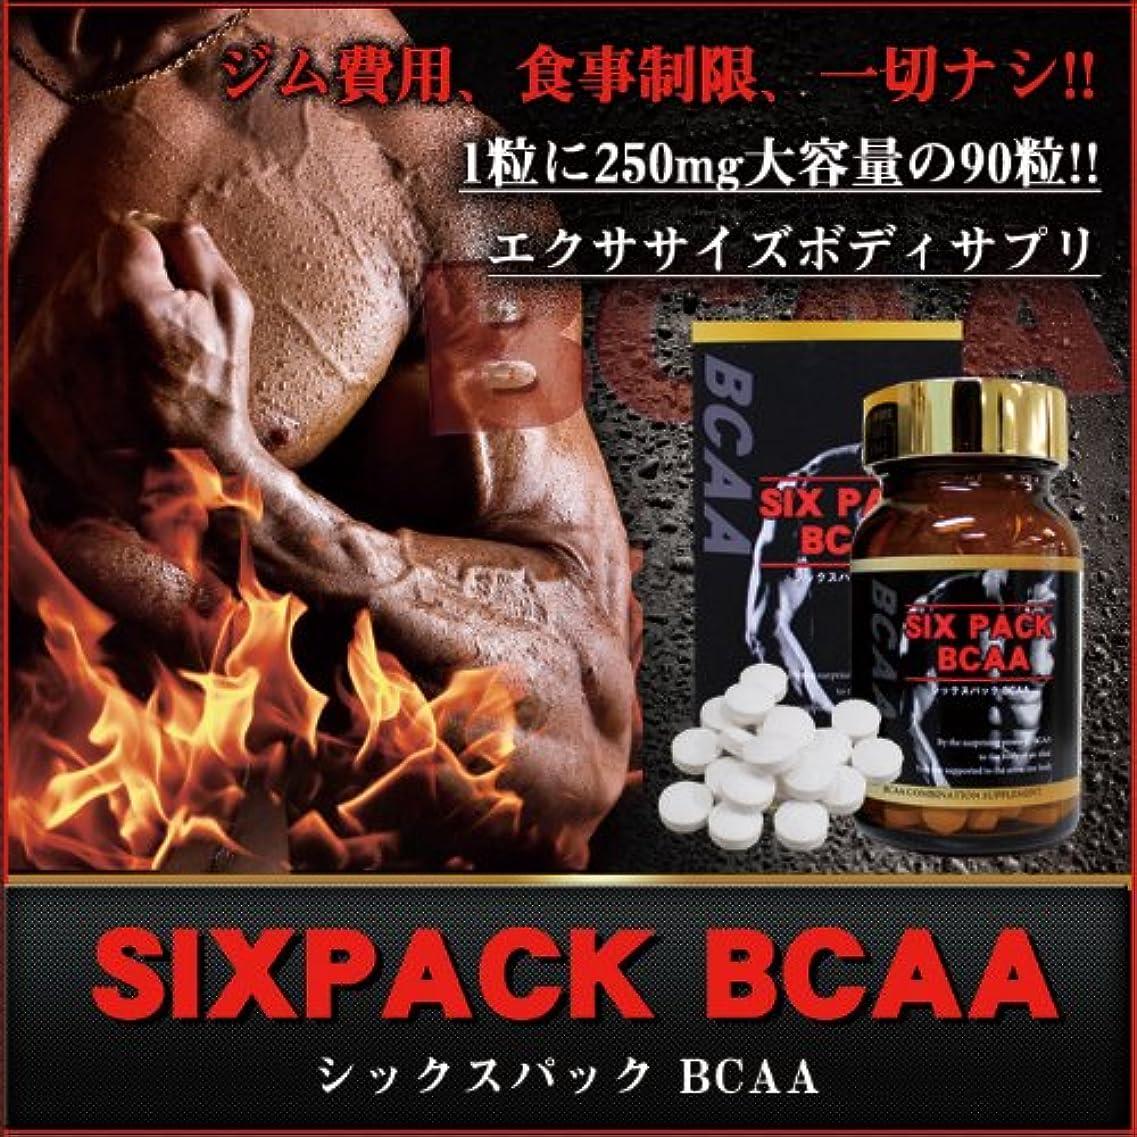 意味前奏曲米国シックスパックBCAA (バリン+ロイシン+イソロイシン配合エクササイズボディサプリ)